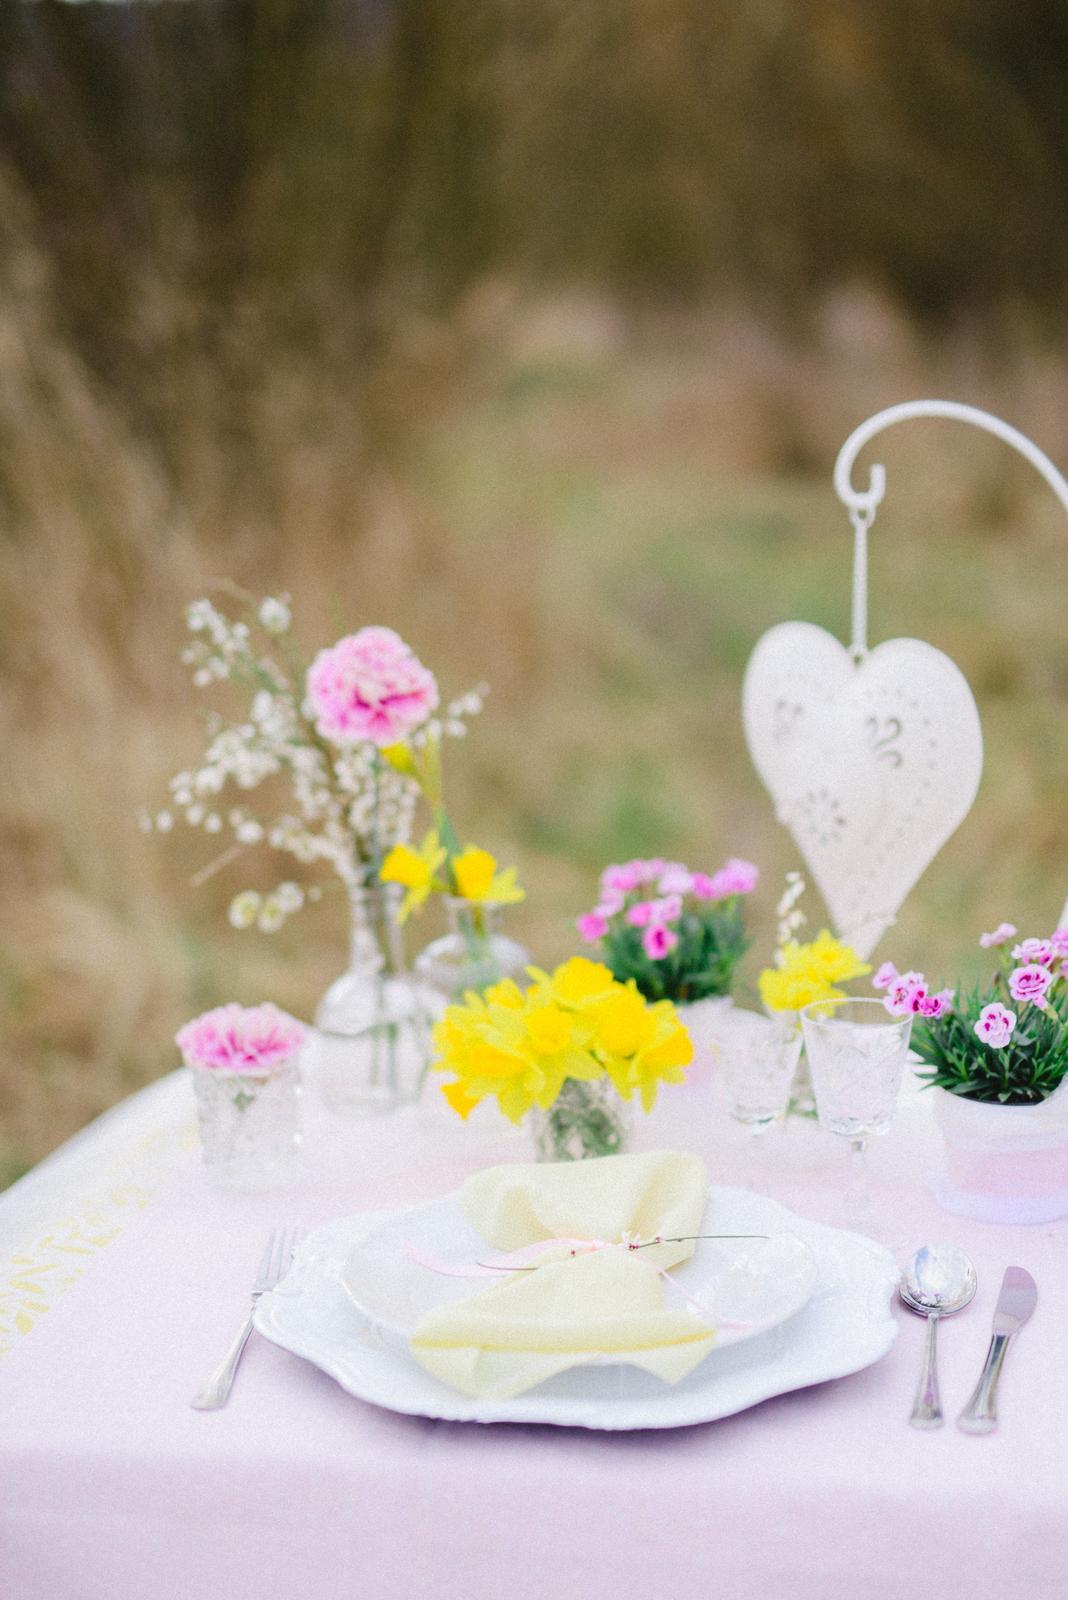 Jarné rande foto - moja srdcová záležitosť a hobby :) - Obrázok č. 4